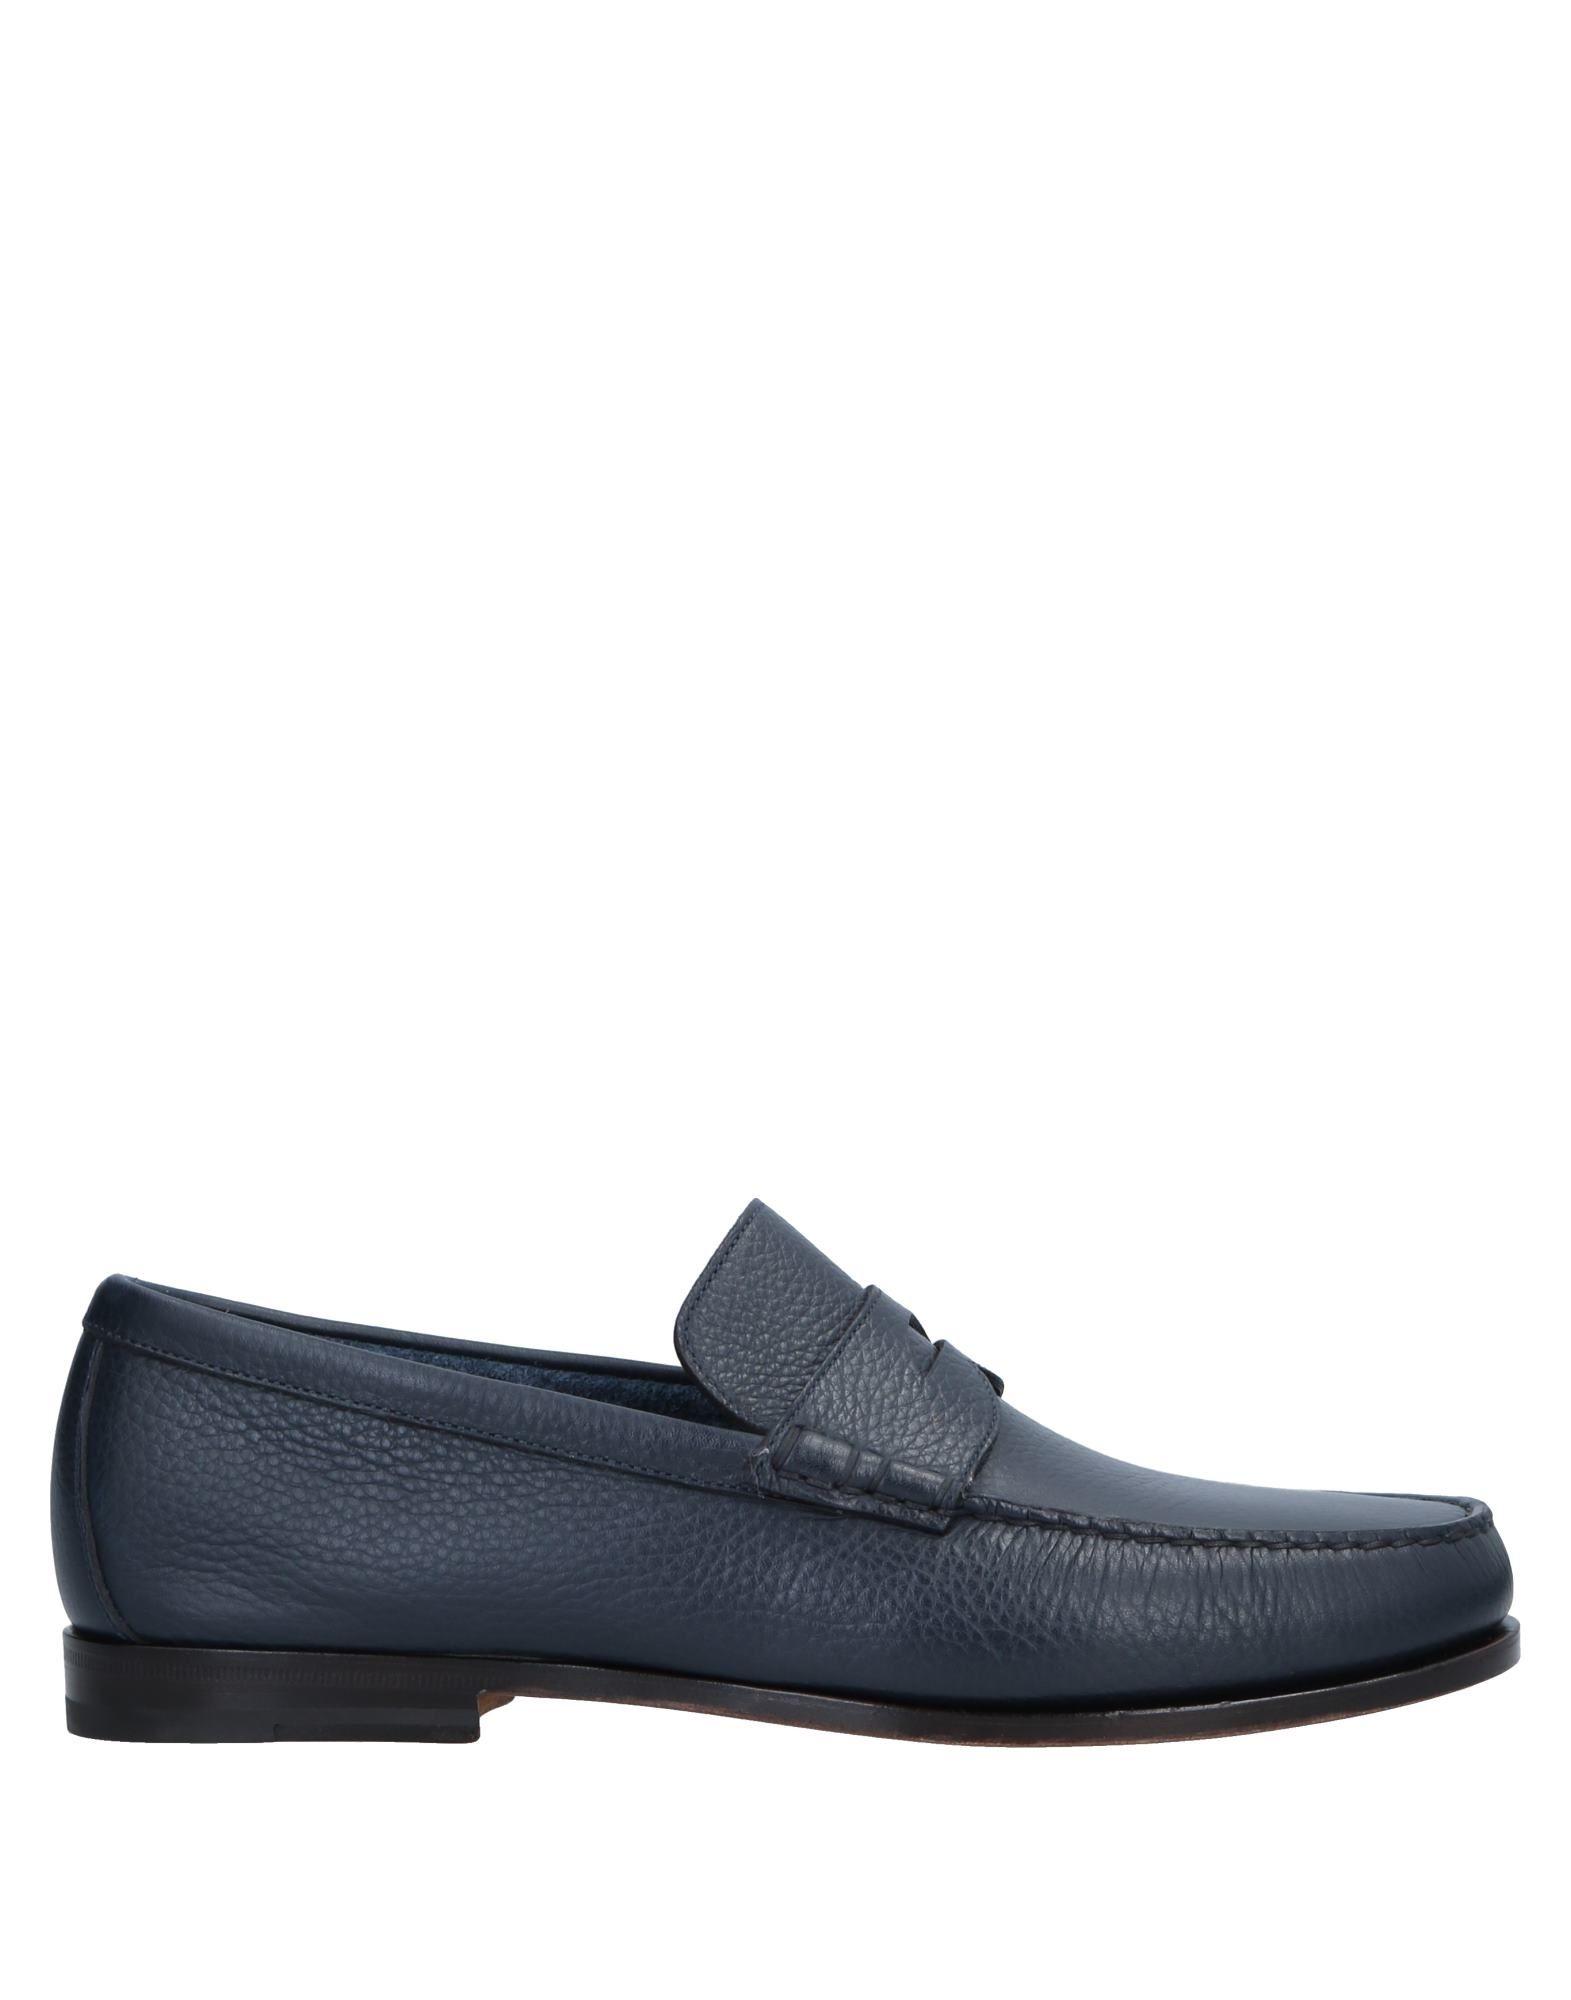 Santoni Mokassins Herren  11543642RN Gute Qualität beliebte Schuhe